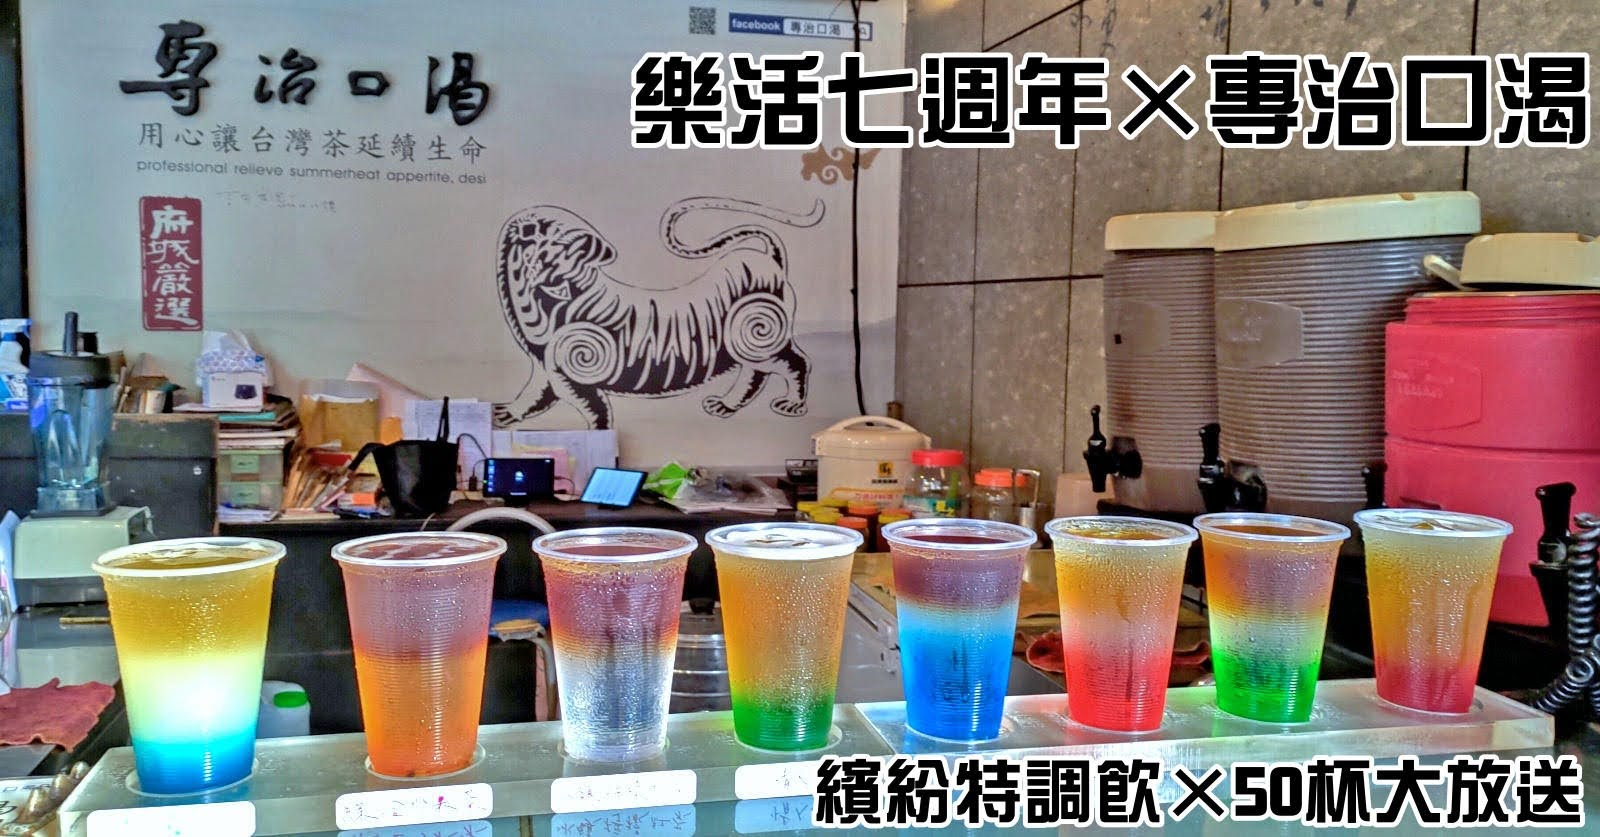 樂活台南七週年慶活動!第一彈:樂活台南x專治口渴~「繽紛特調飲料」50杯大放送